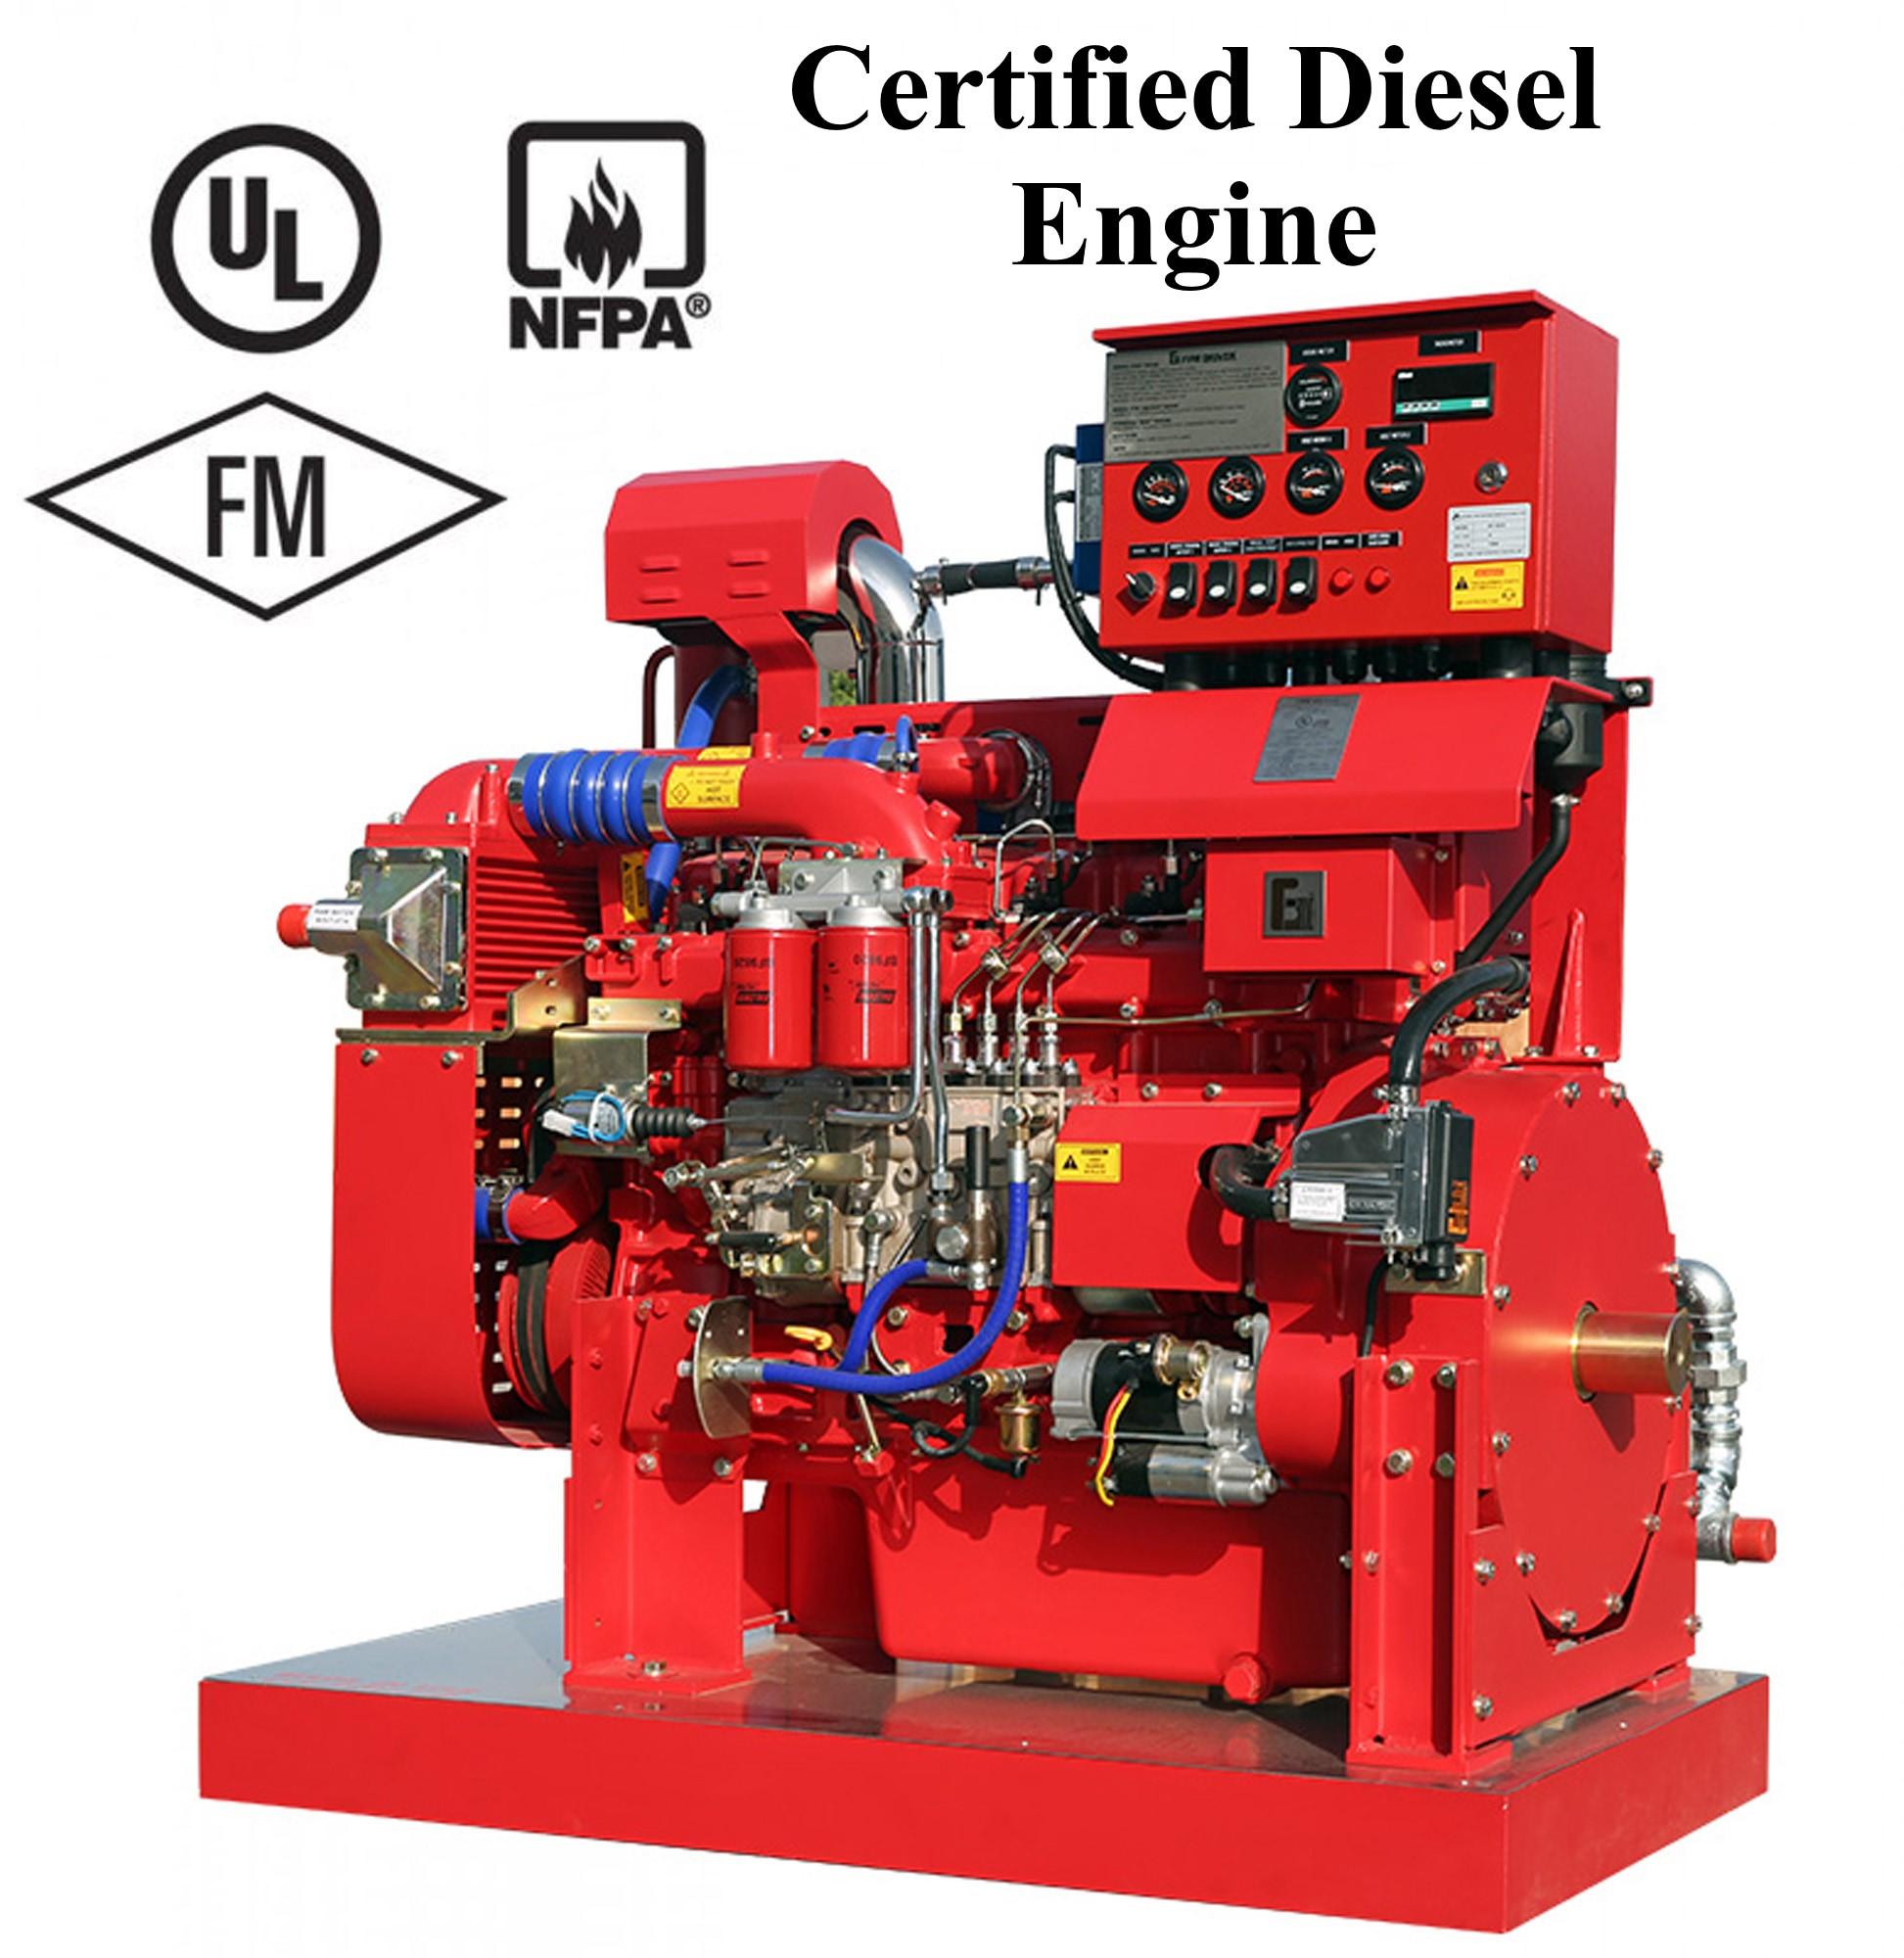 certified_engine_2_1447848307_wz530